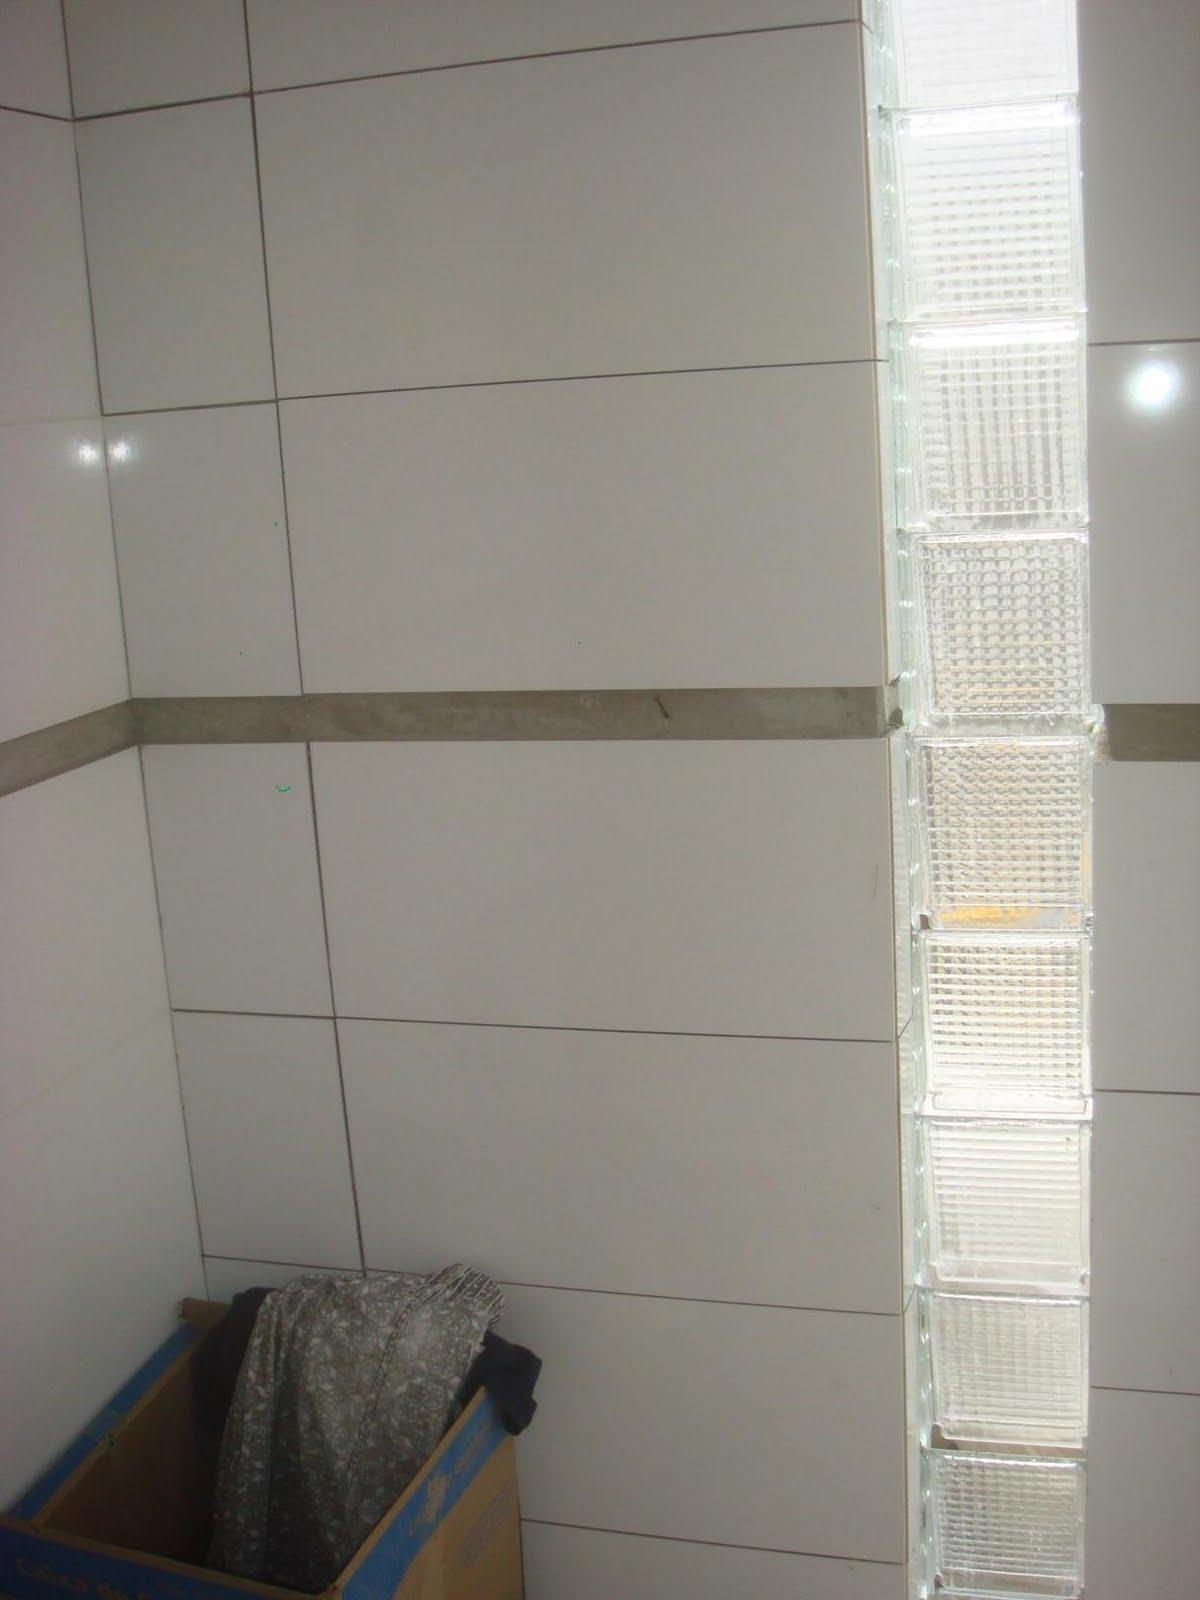 faltando a faixa de pastilha de vidro em todo perímetro do banheiro  #294057 1200 1600